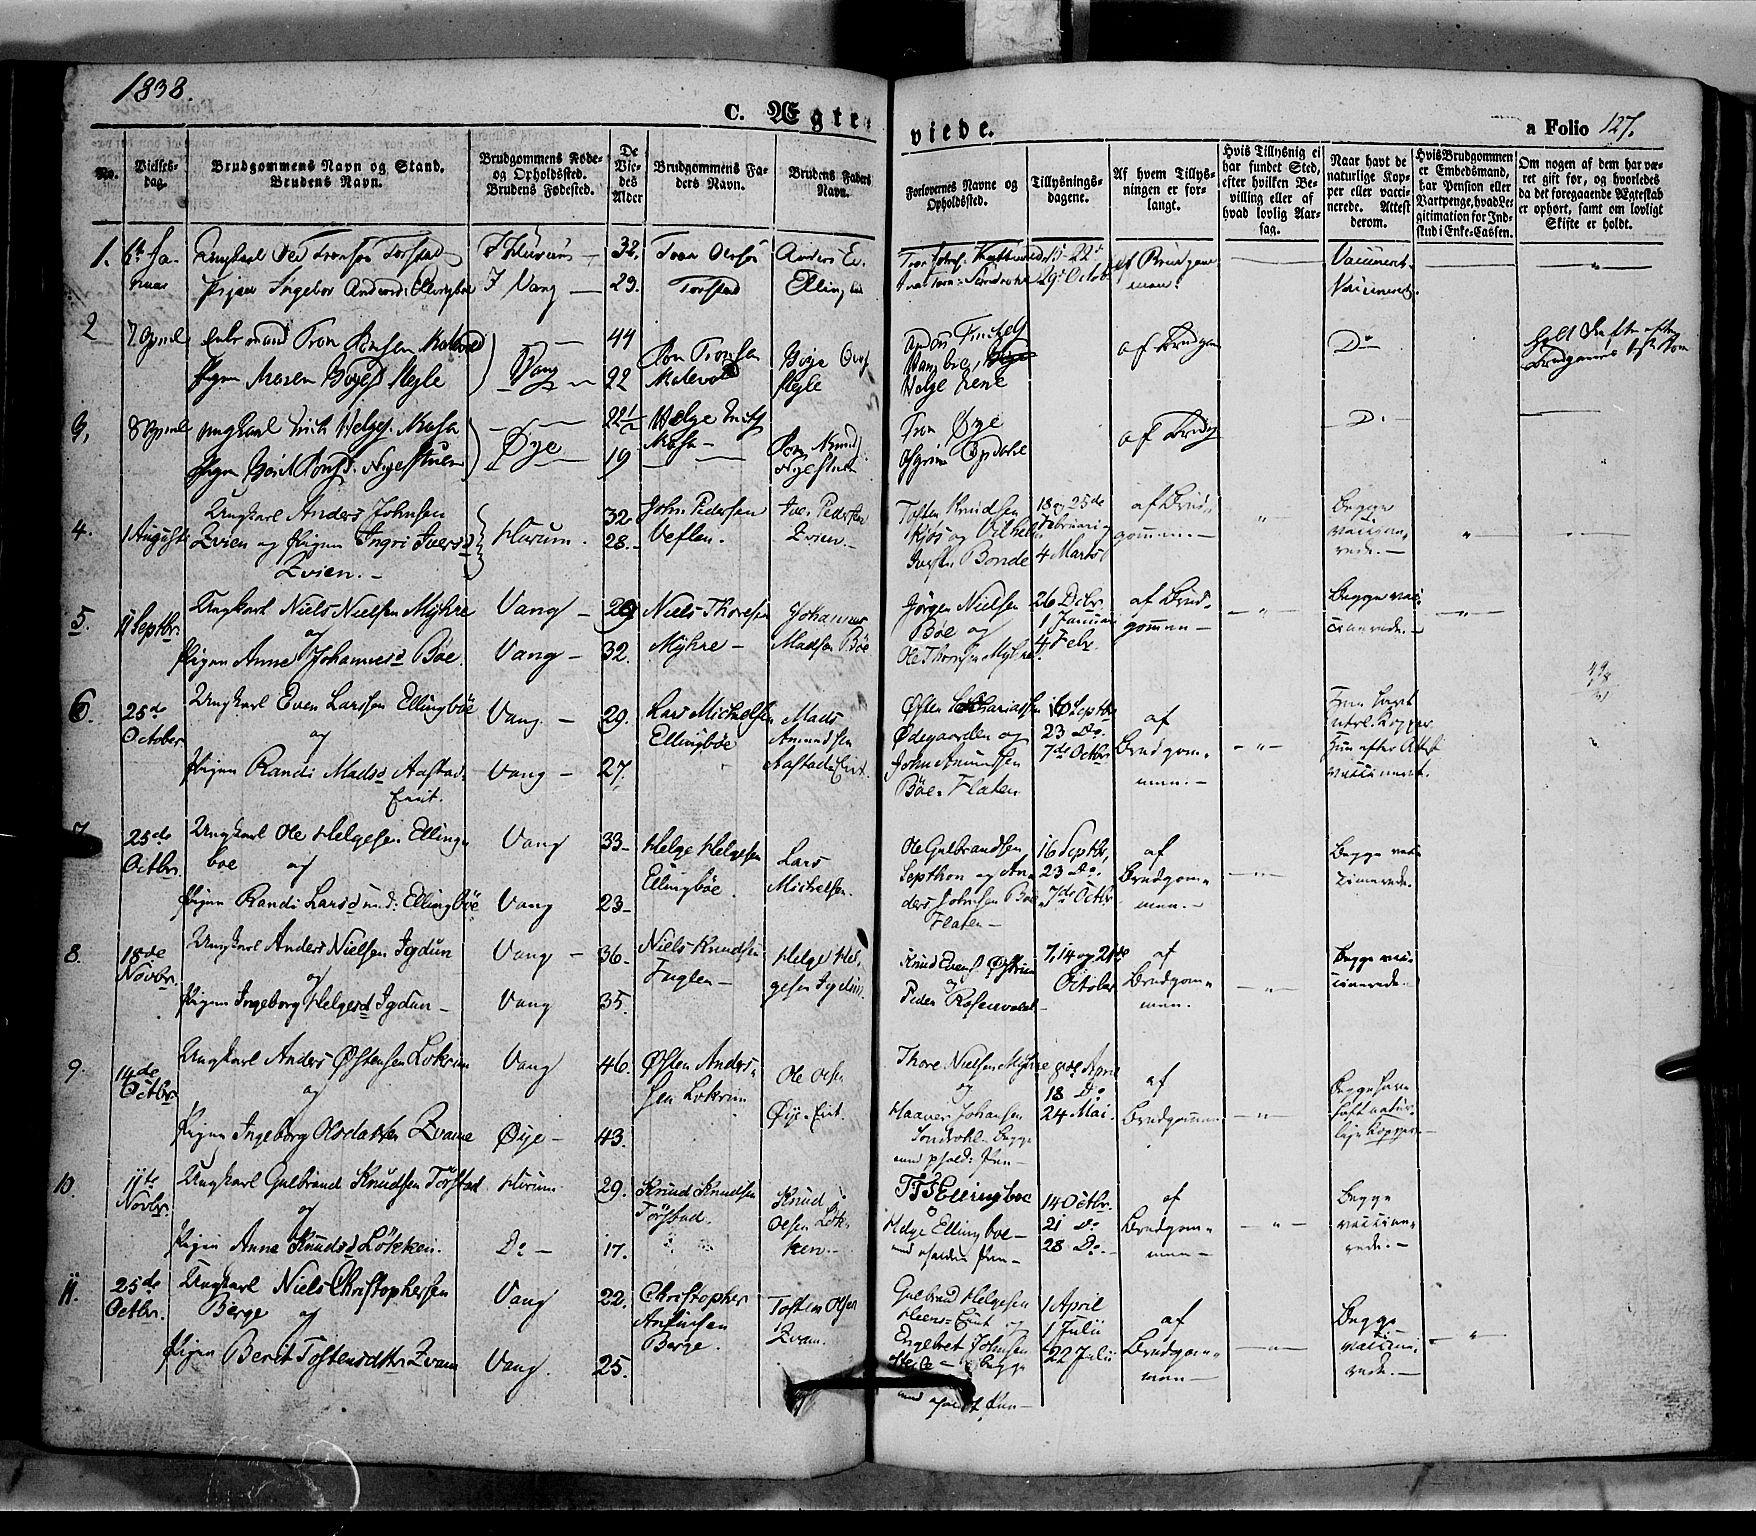 SAH, Vang prestekontor, Valdres, Ministerialbok nr. 5, 1831-1845, s. 127